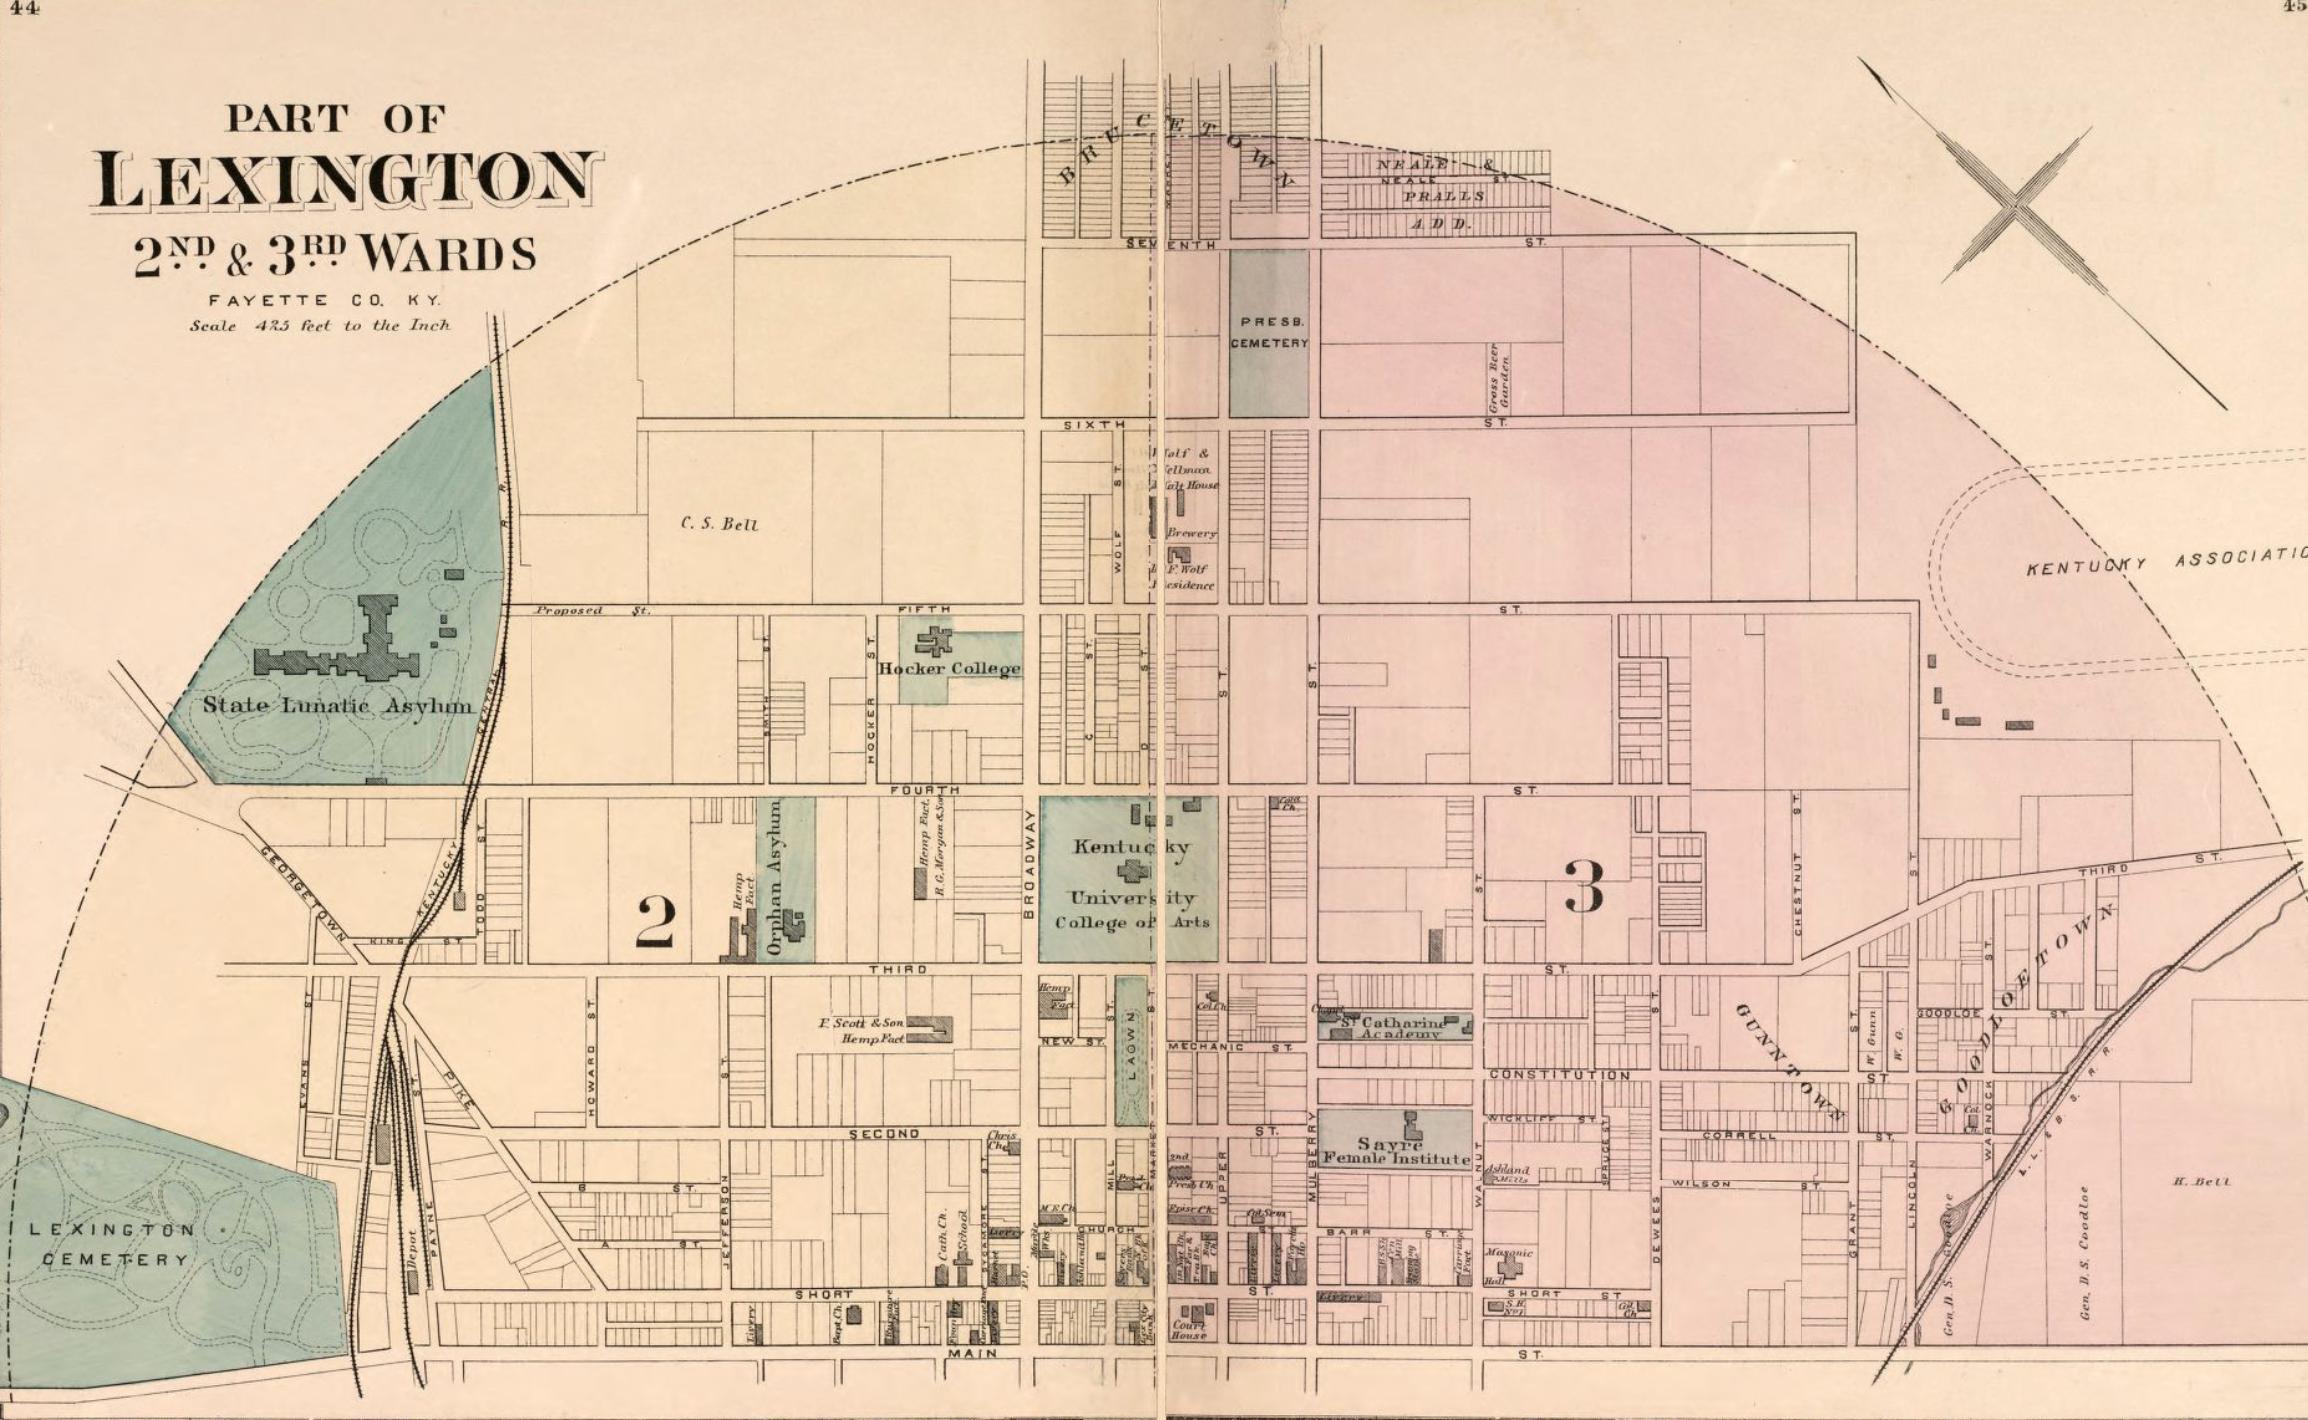 1877 Atlas of Fayette County